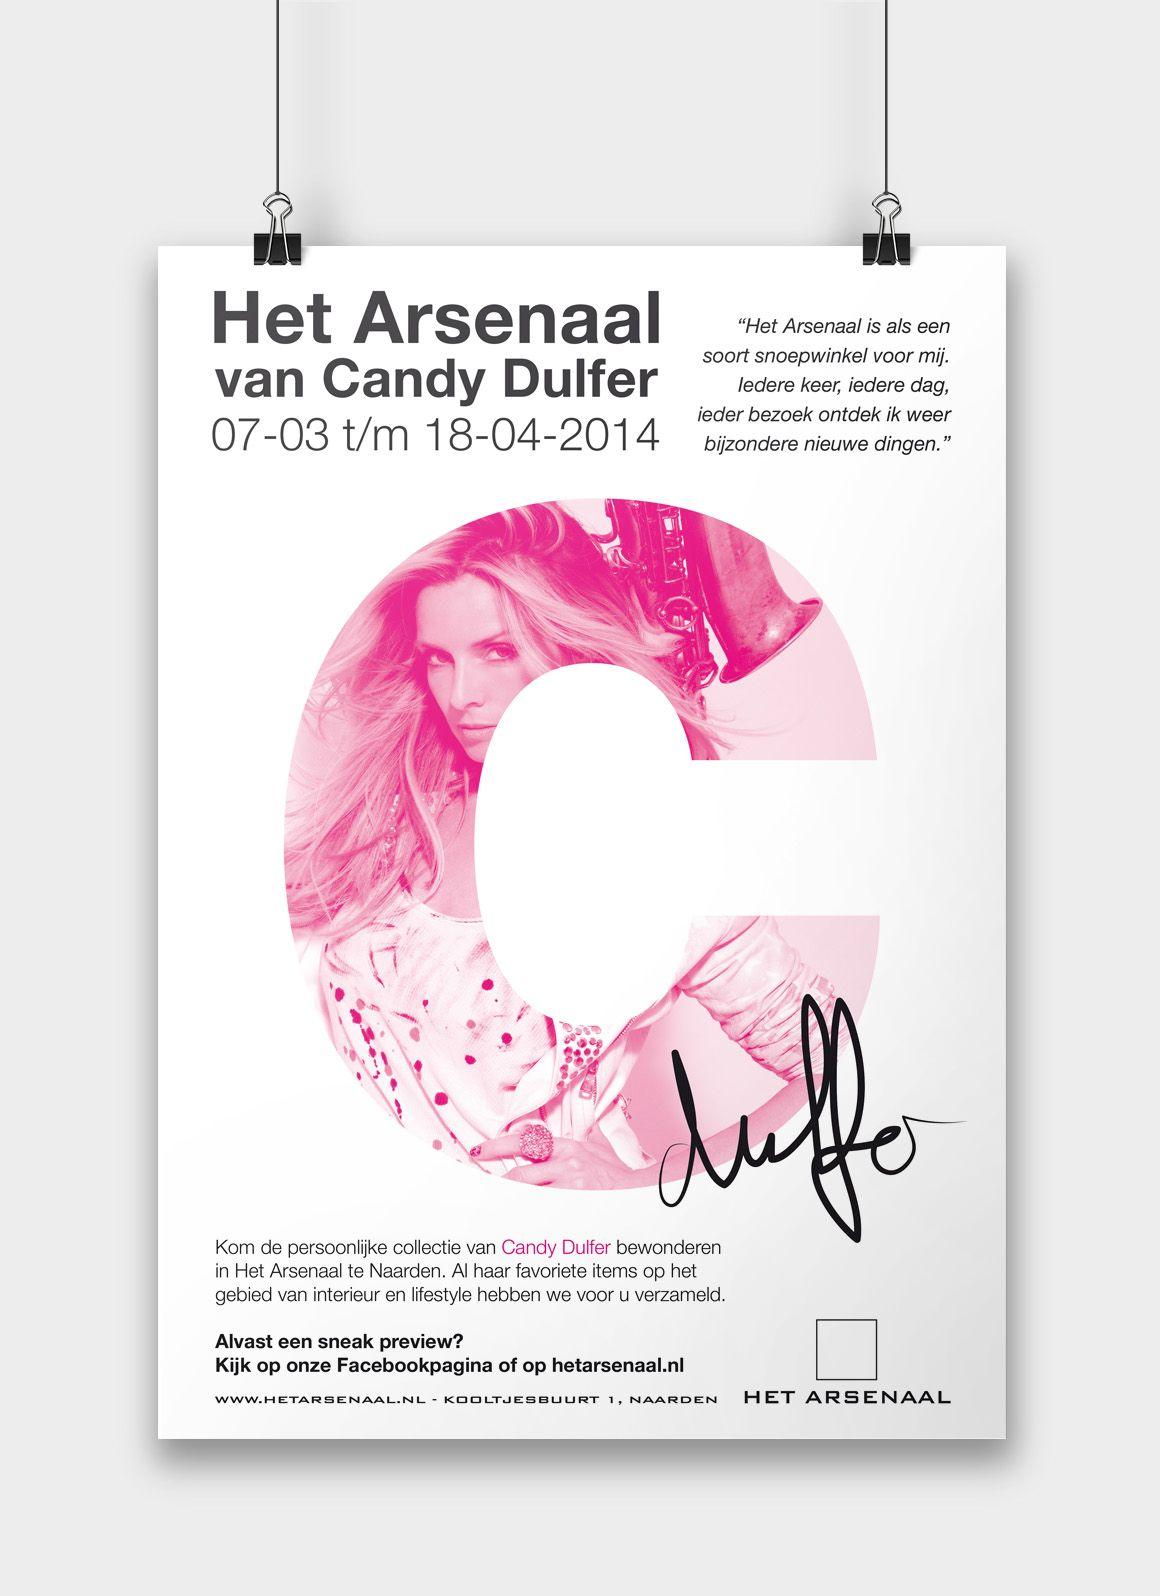 Poster Candy Dulfer Het Arsenaal Naarden Minimal Poster Affiche Typo Event Evenement White Black Pink Can Ontwerpbureau Grafisch Ontwerp Grafisch